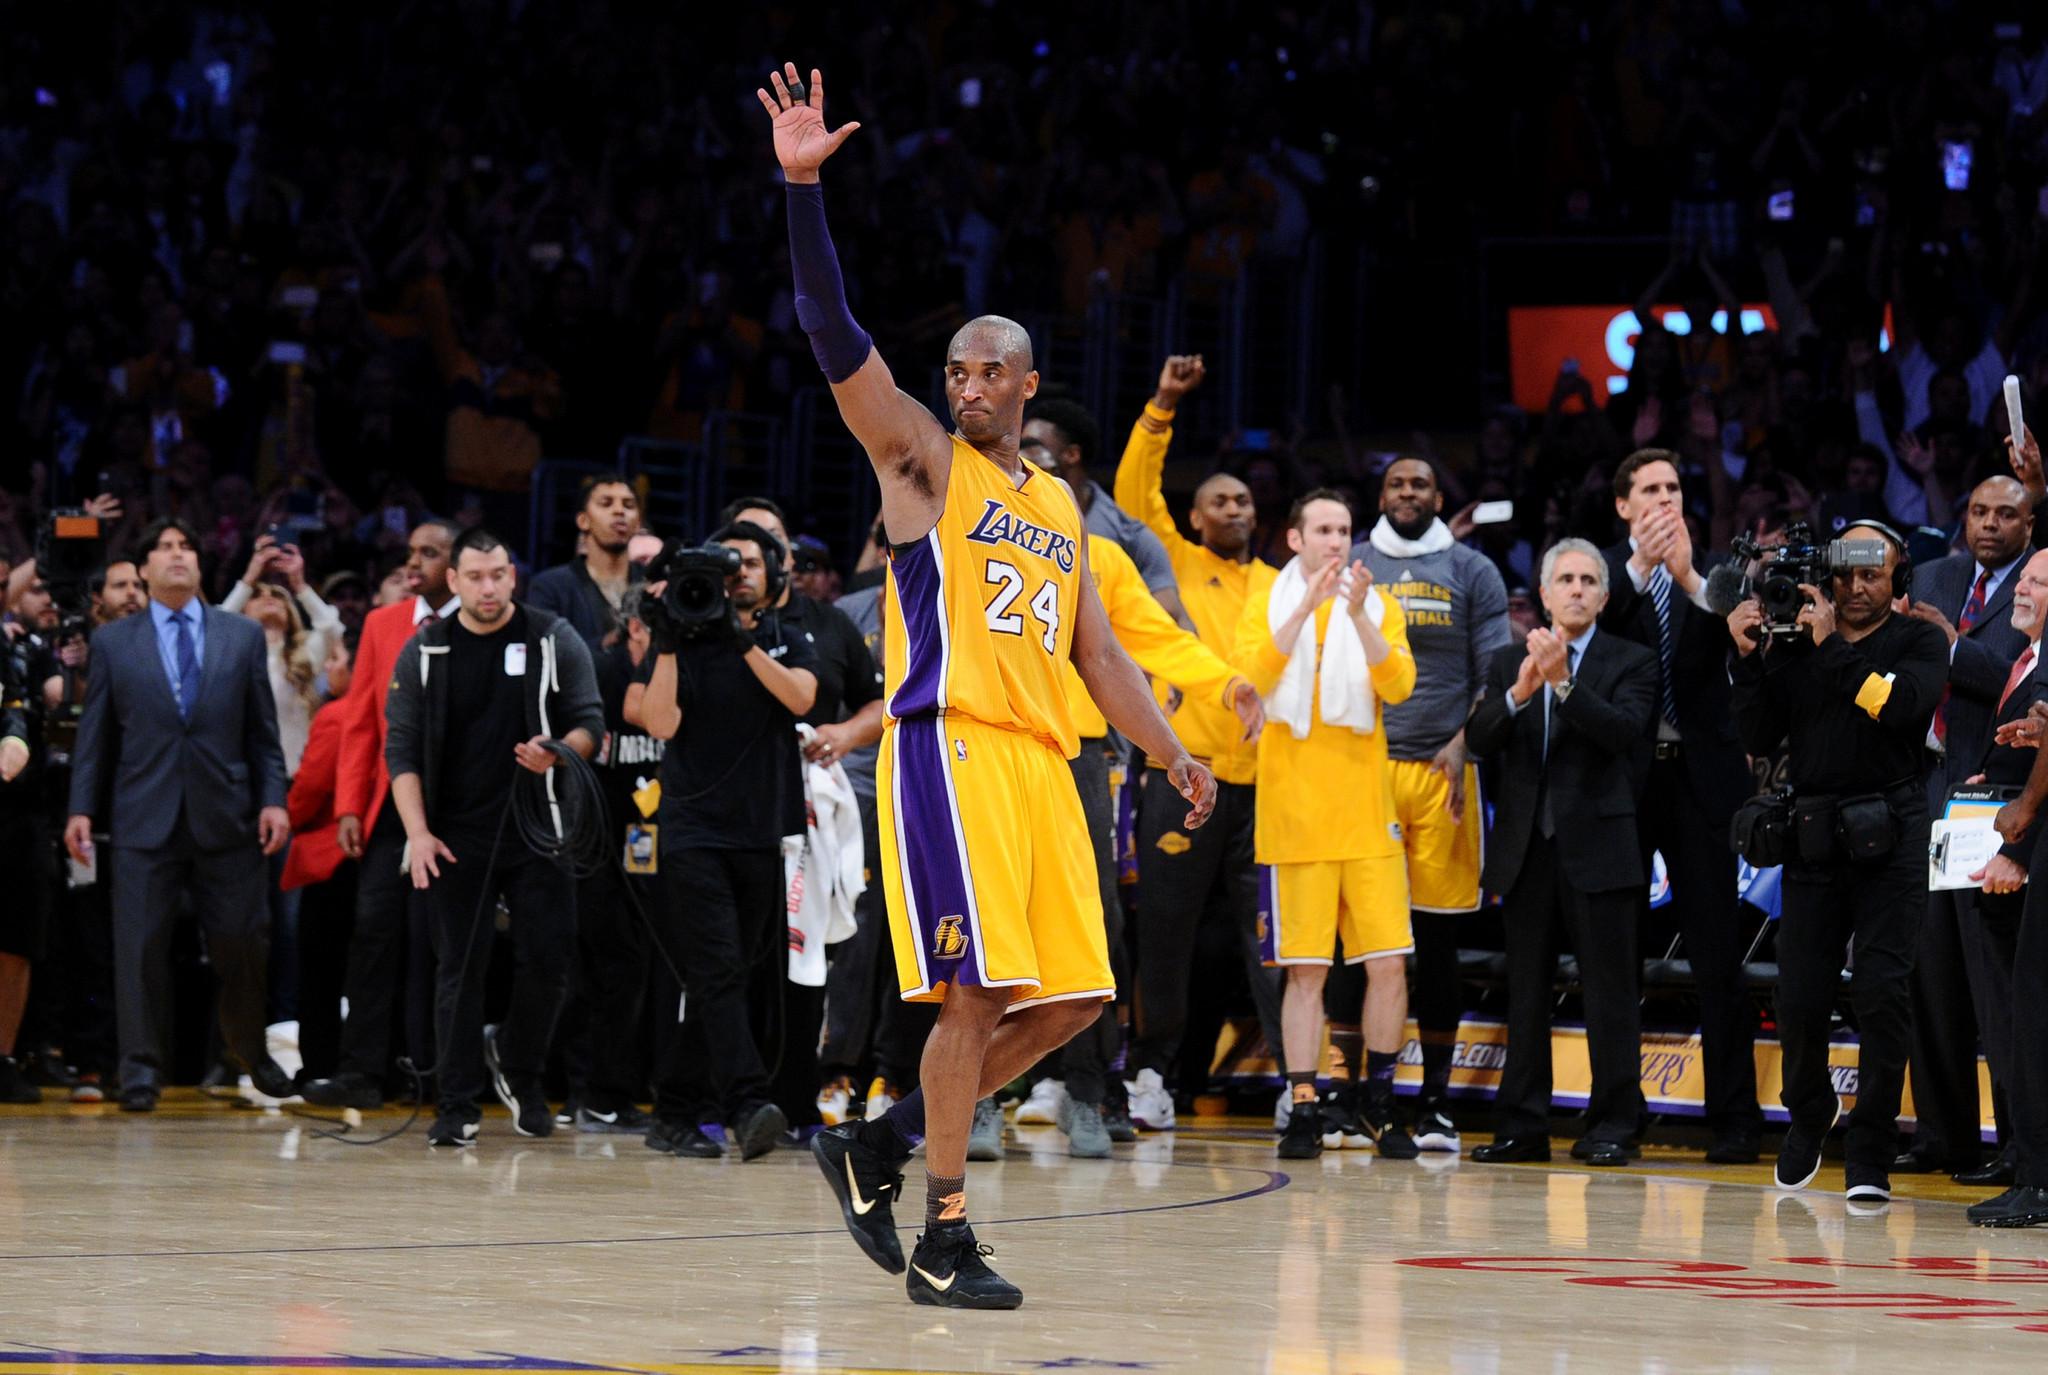 Nhìn lại những mẫu giày quan trọng nhất trong sự nghiệp của Kobe Bryant - Ảnh 15.